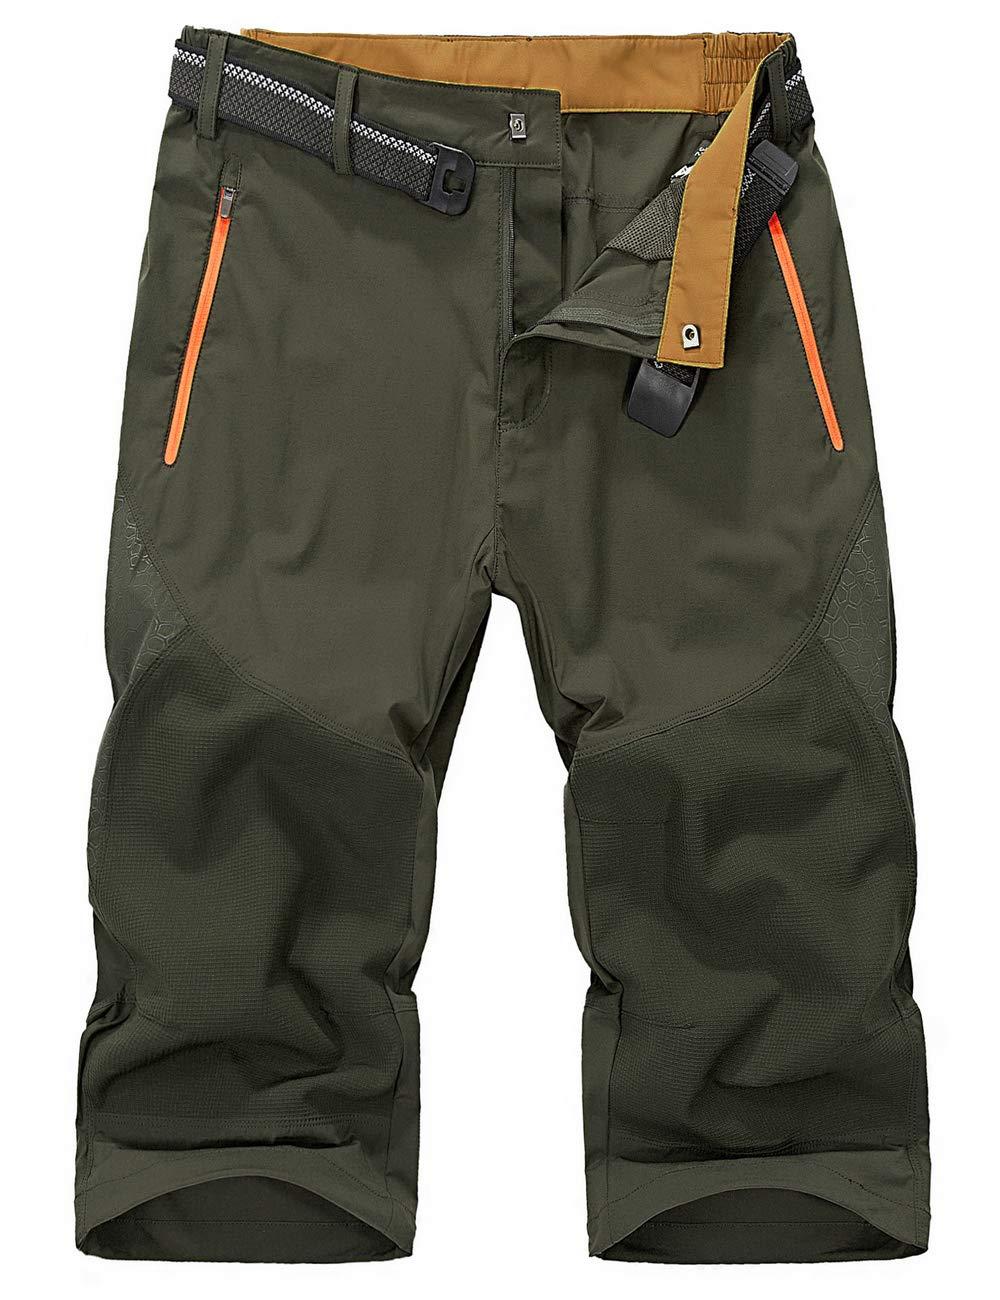 KEFITEVD Shorts de Randonn/ée 3//4 /à S/échage Rapide pour Hommes Shorts L/égers d/ét/é Pantalons Courts de Randonn/ée en Plein Air